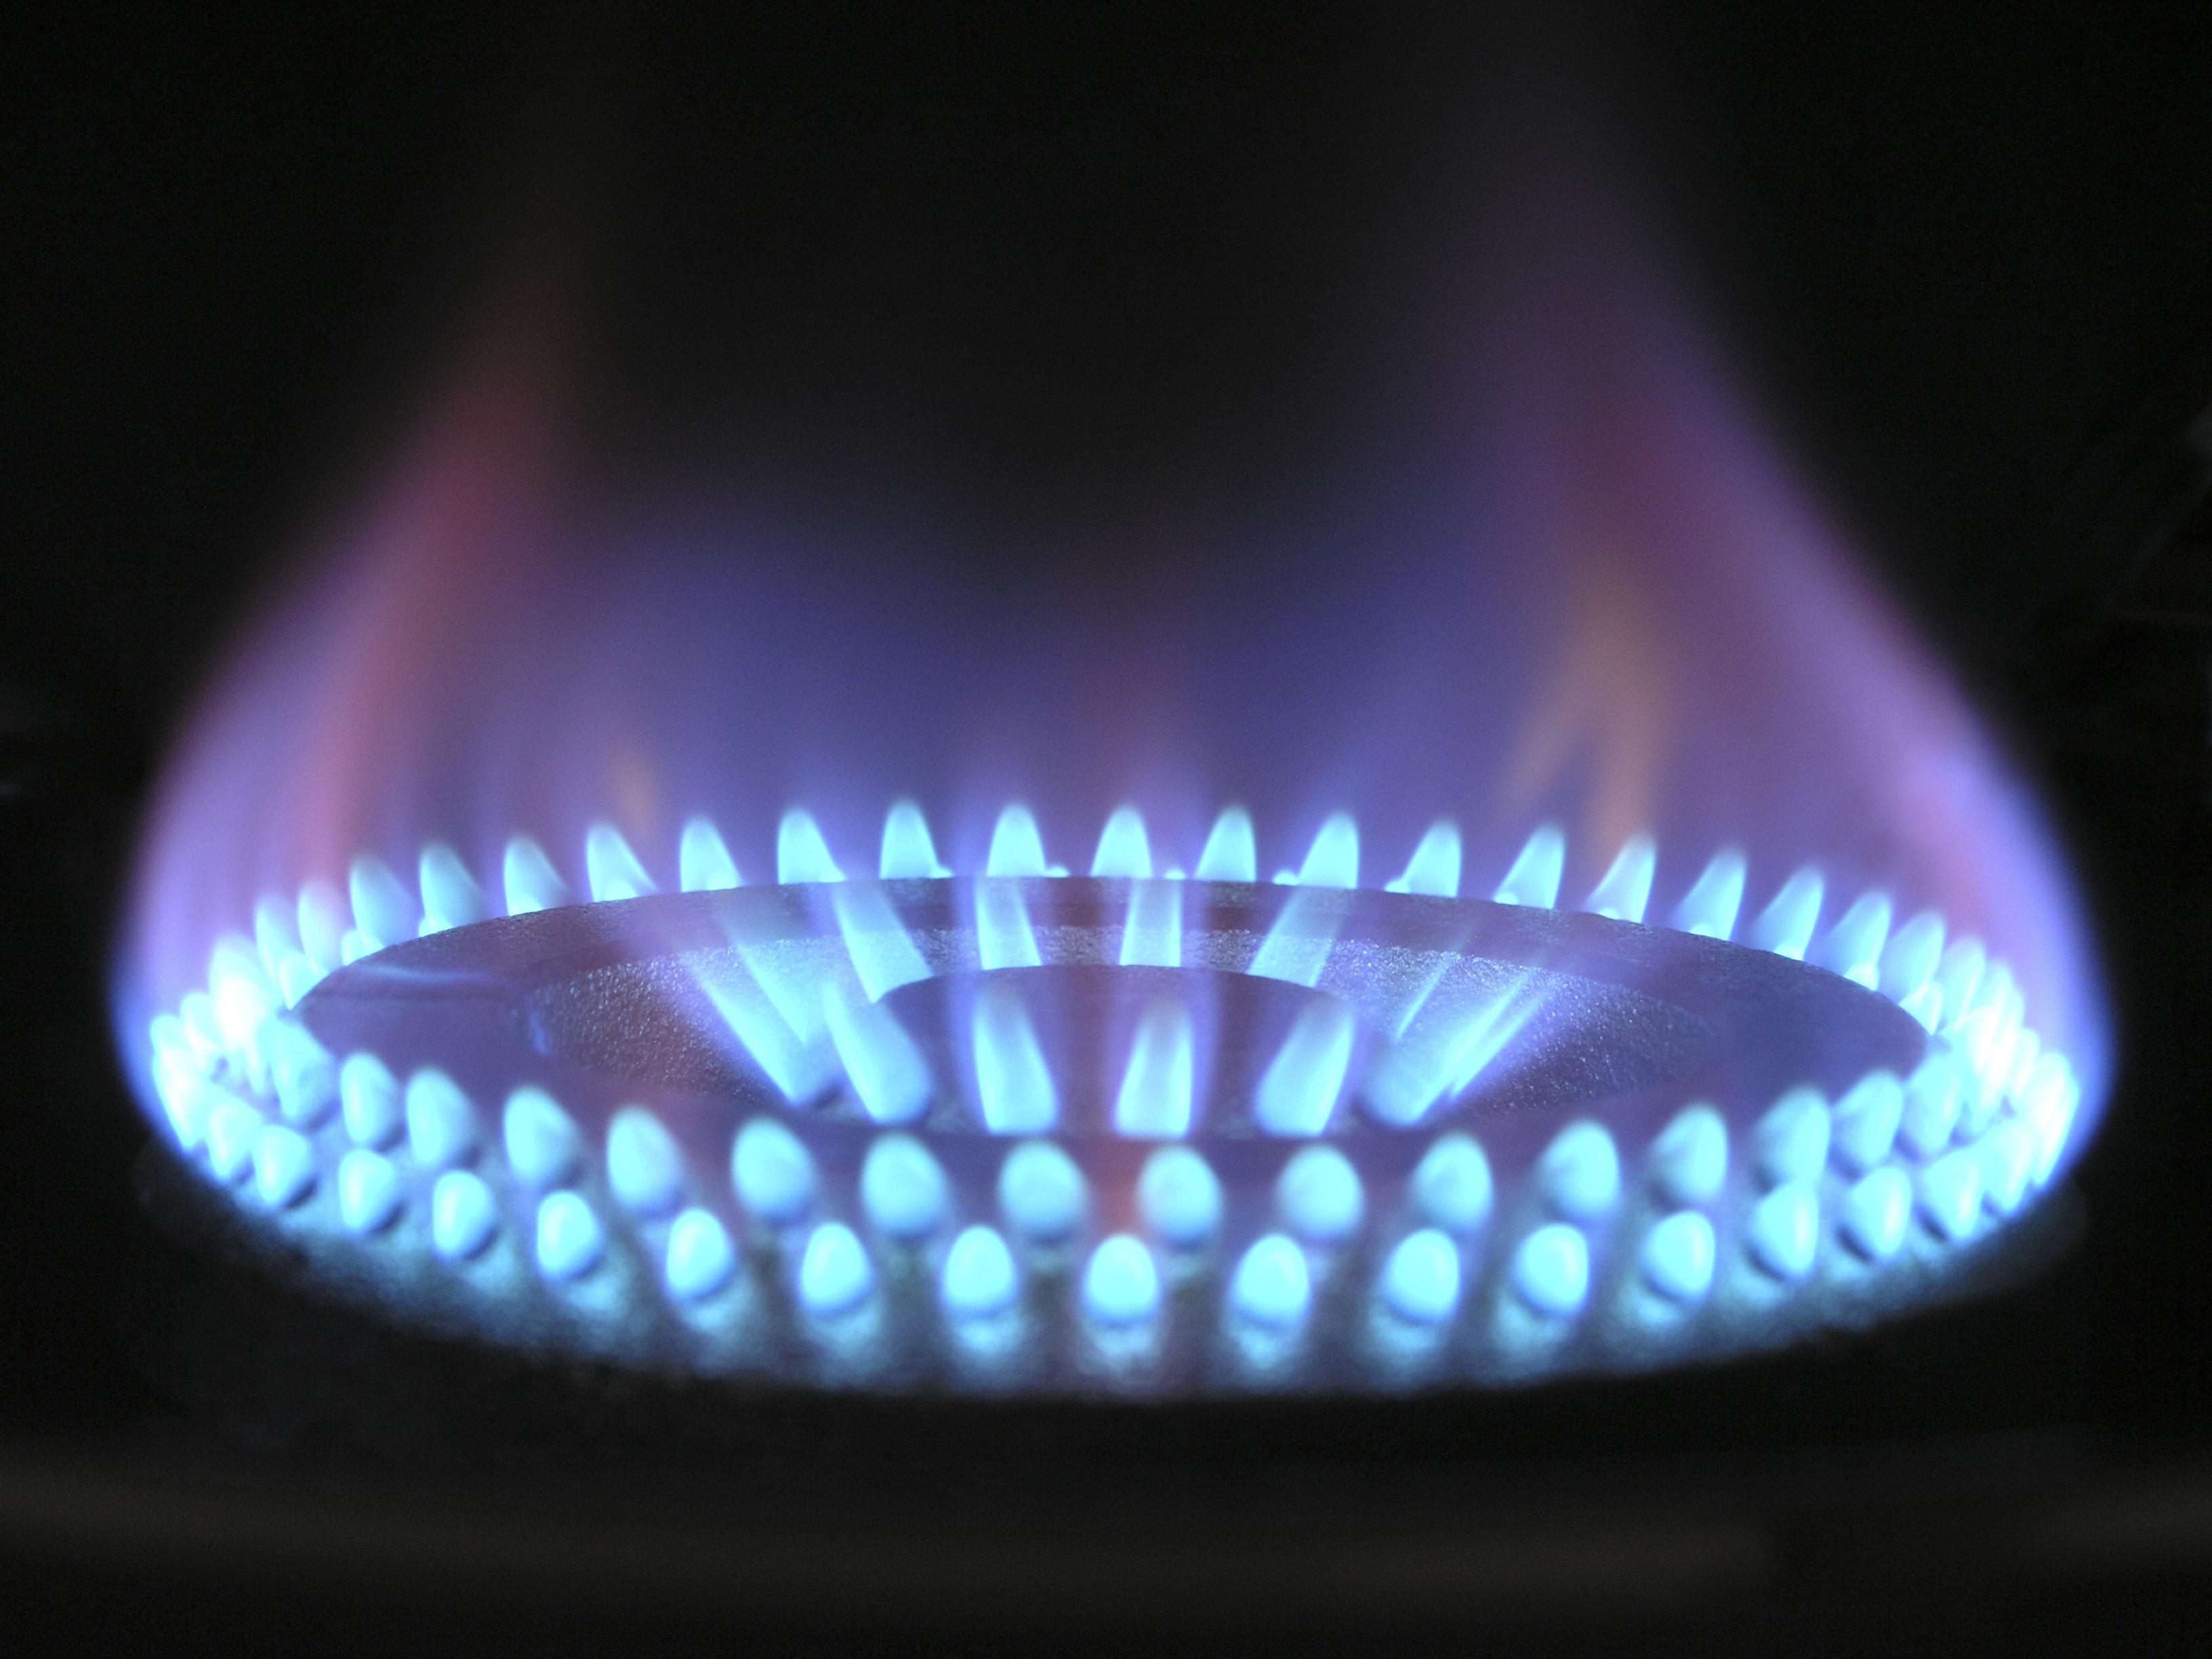 Draagvlak voor aardgasvrij neemt af